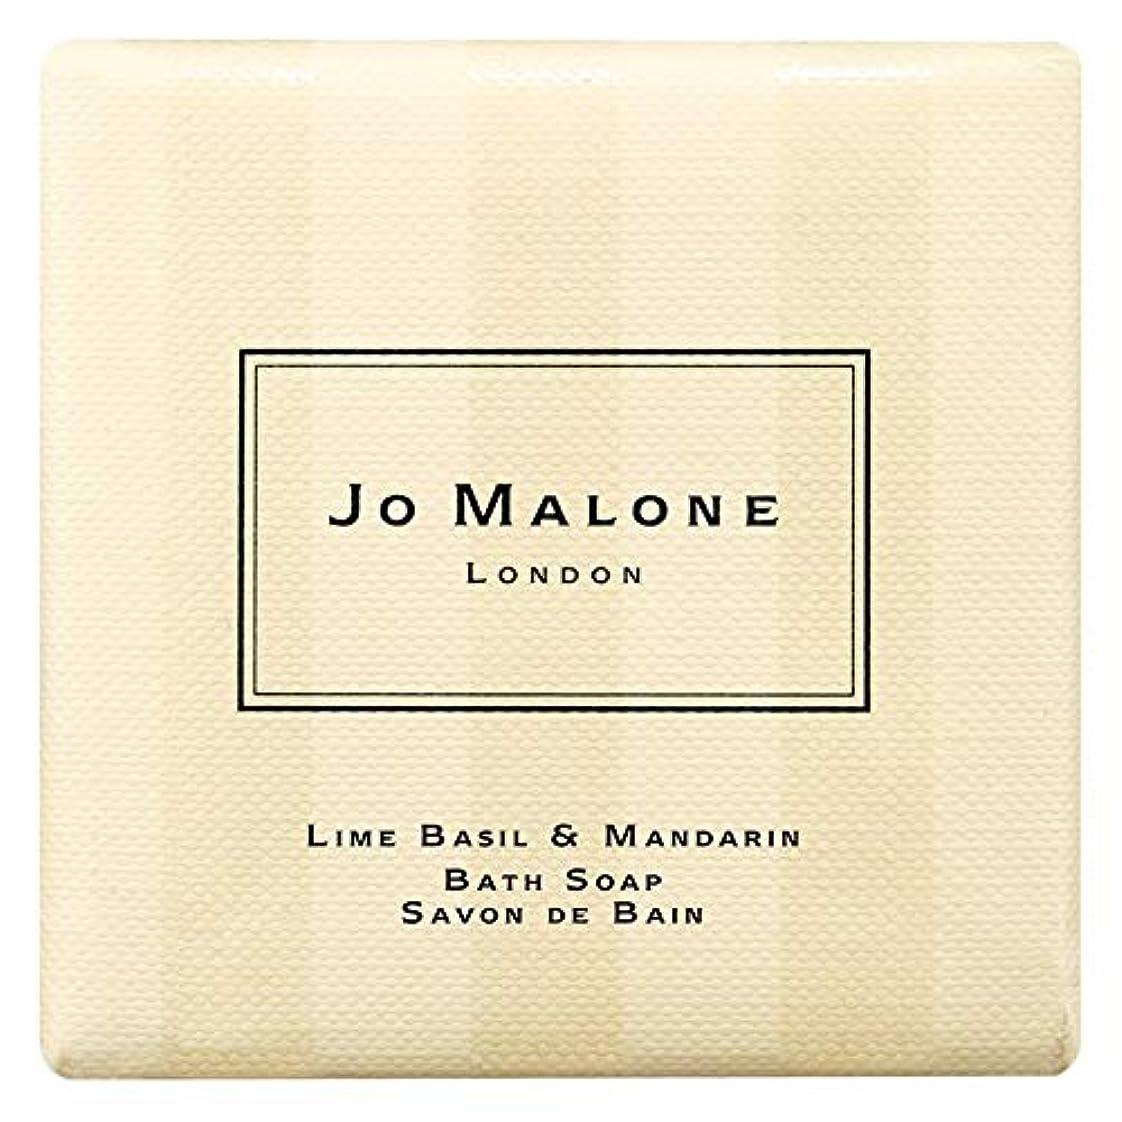 カナダ敬別れる[Jo Malone] ジョーマローンロンドンライムバジル&マンダリンお風呂の石鹸100グラム - Jo Malone London Lime Basil & Mandarin Bath Soap 100g [並行輸入品]